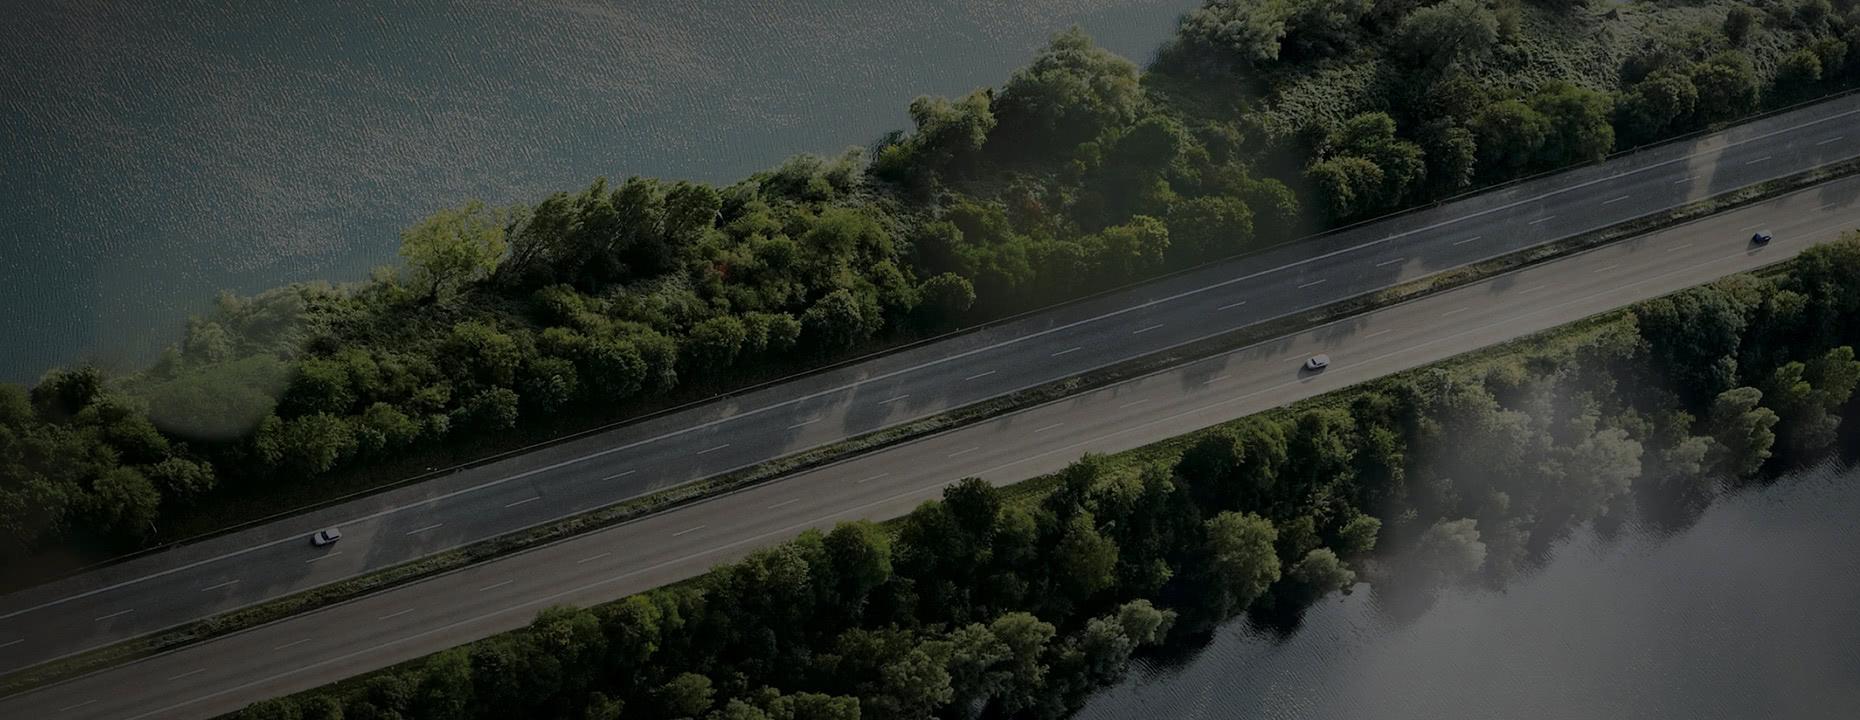 Hyundai Motor офіційно представила позашляховик Palisade | Автоберег - фото 14